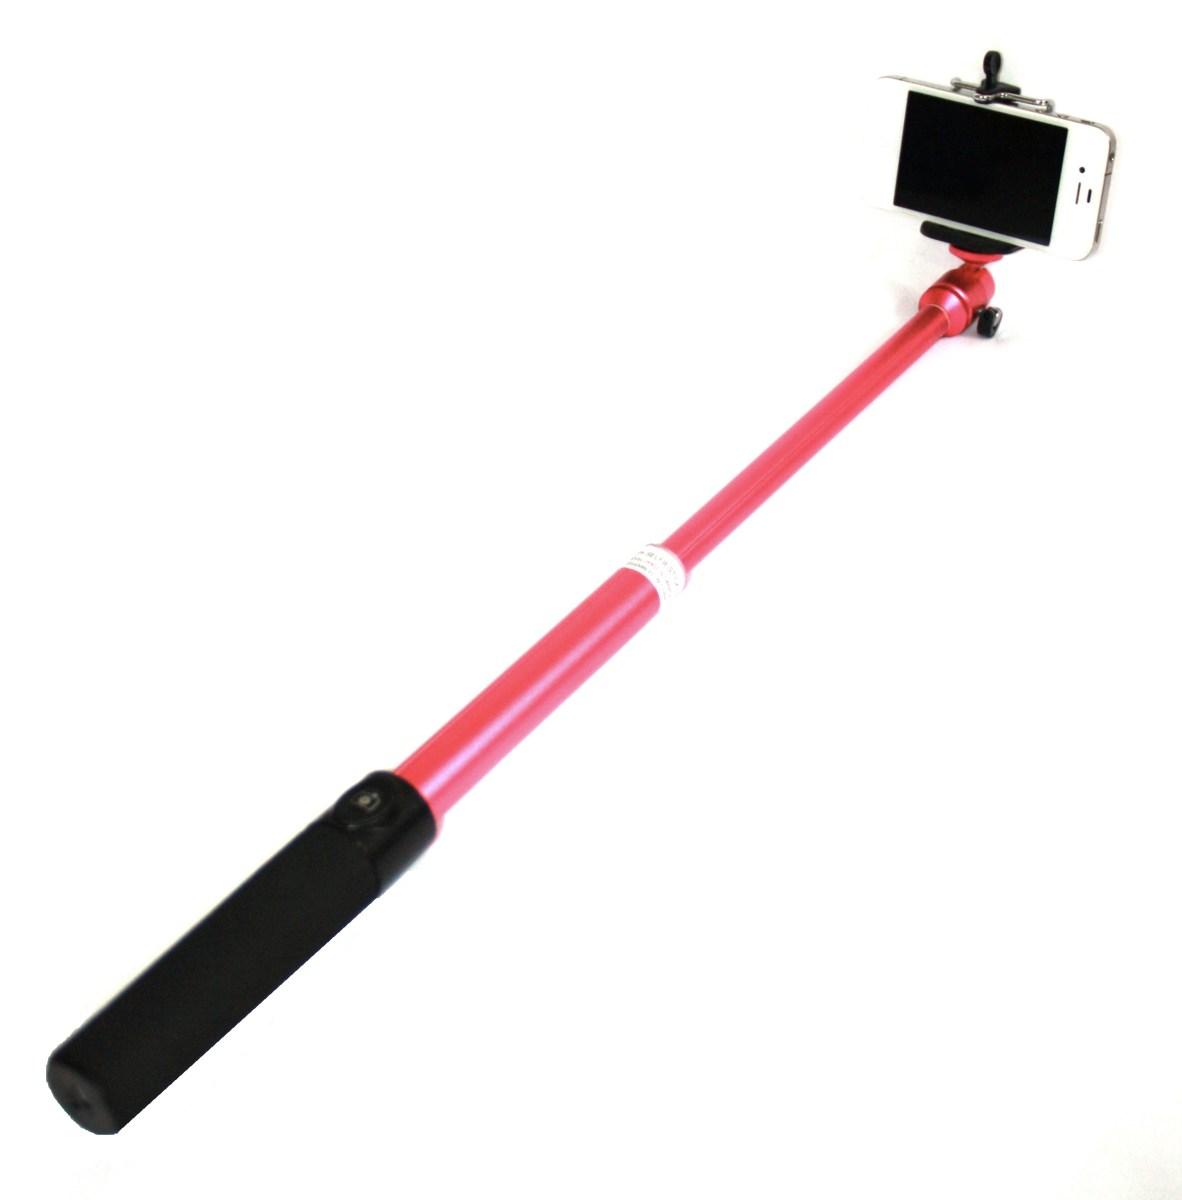 Il selfie stick zooma invece di scattare la foto: soluzione rapida